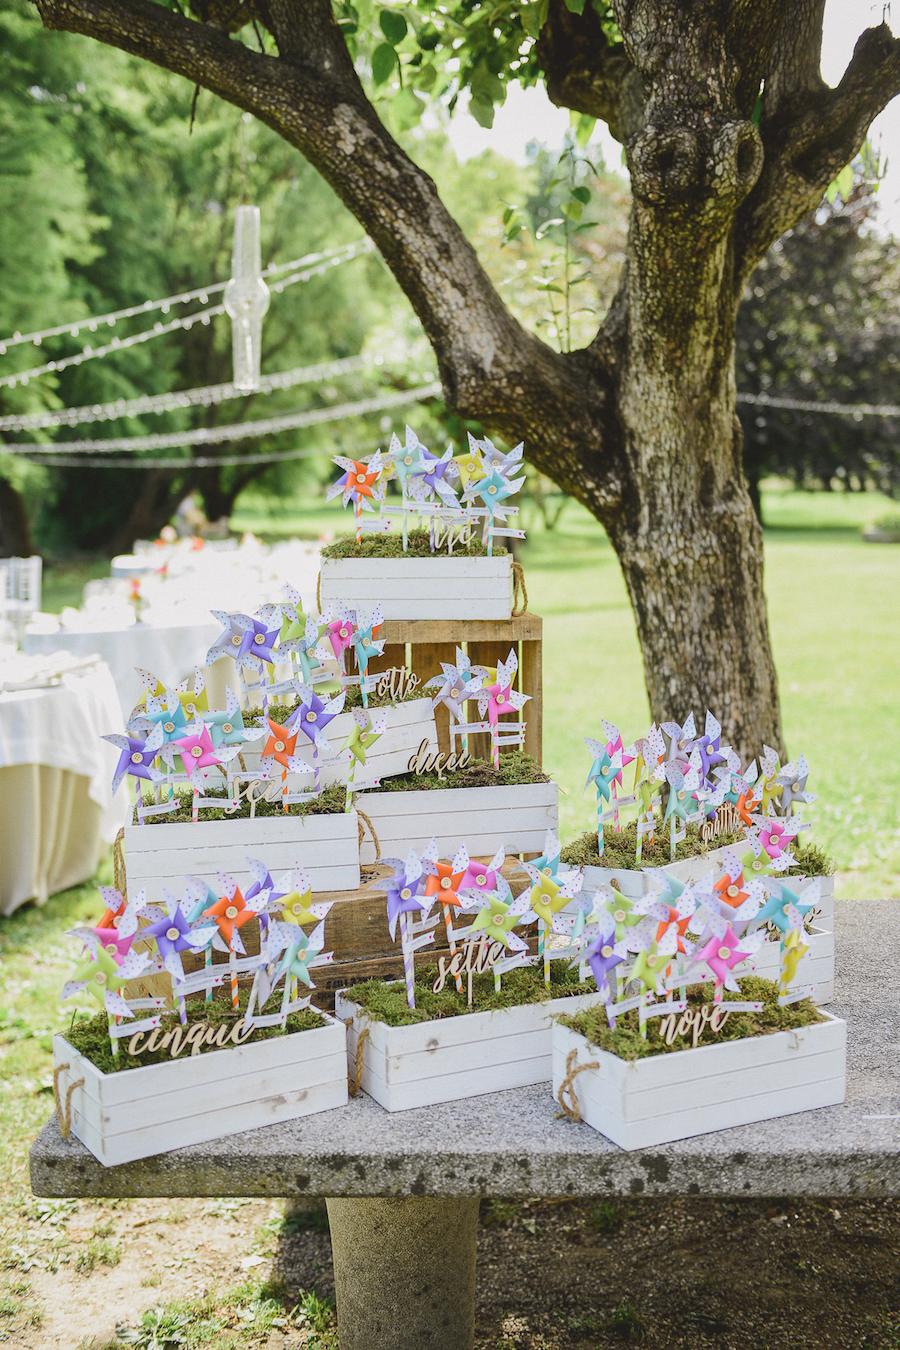 Matrimonio Tema Lago : Un coloratissimo matrimonio sul lago wedding wonderland